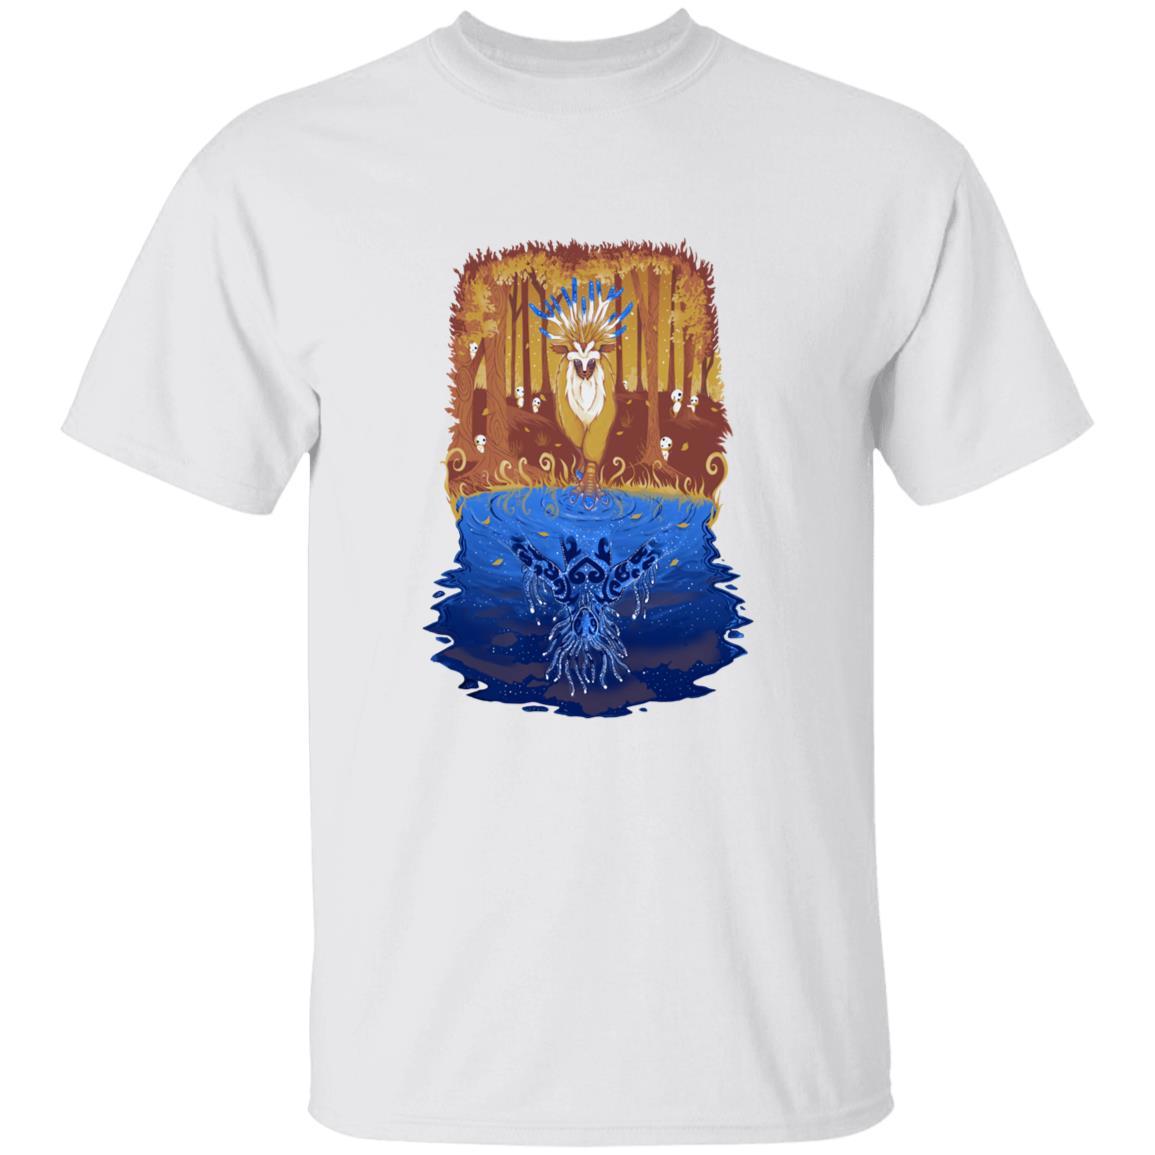 Princess Mononoke Shishigami Day and Night time T Shirt